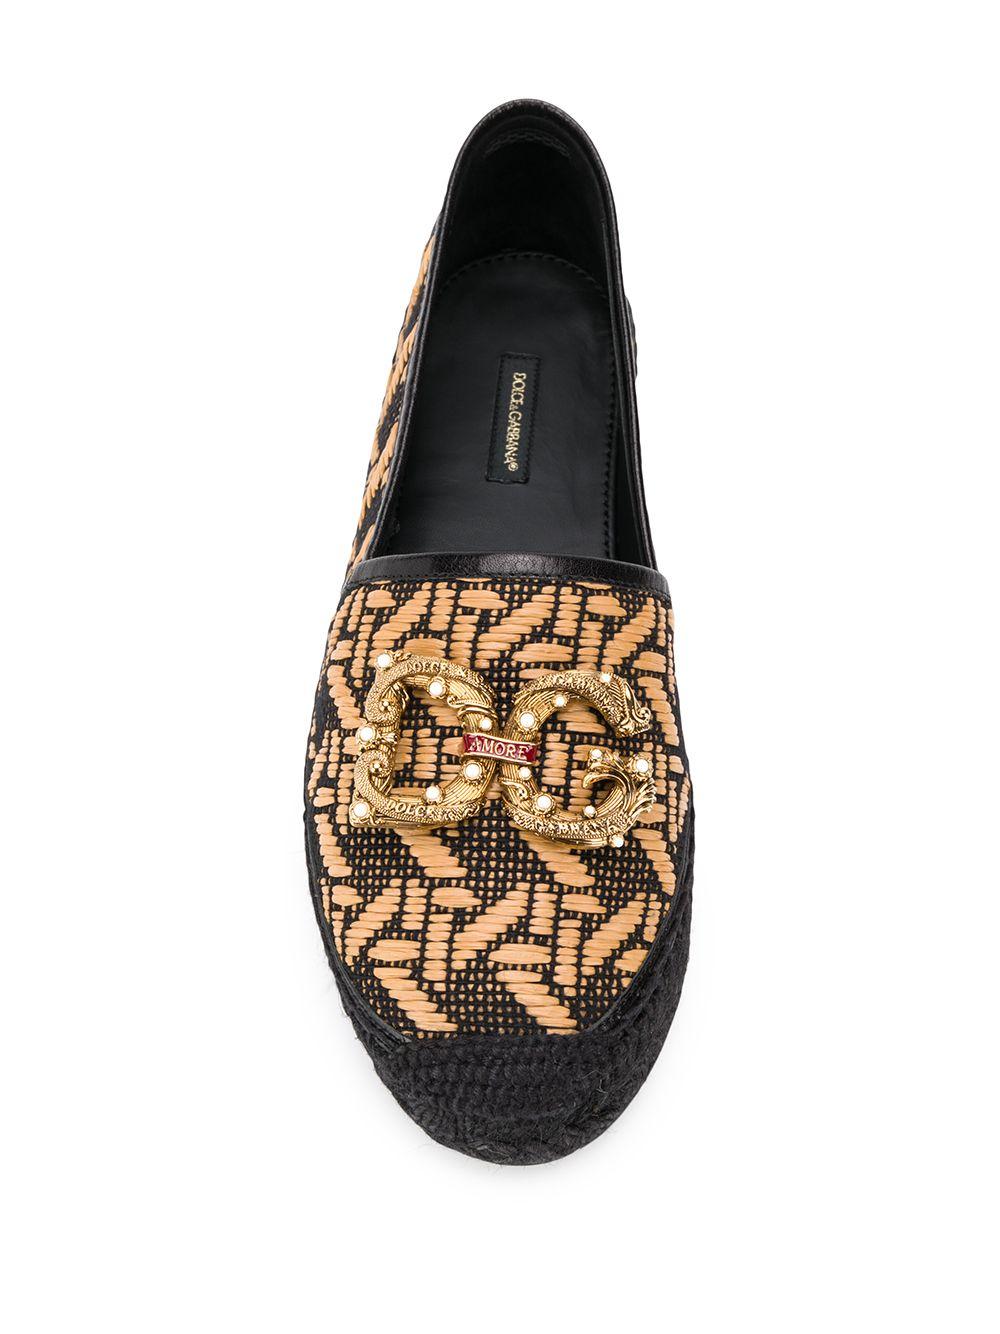 Dolce & Gabbana | Dolce & Gabbana эспадрильи DG Amore | Clouty